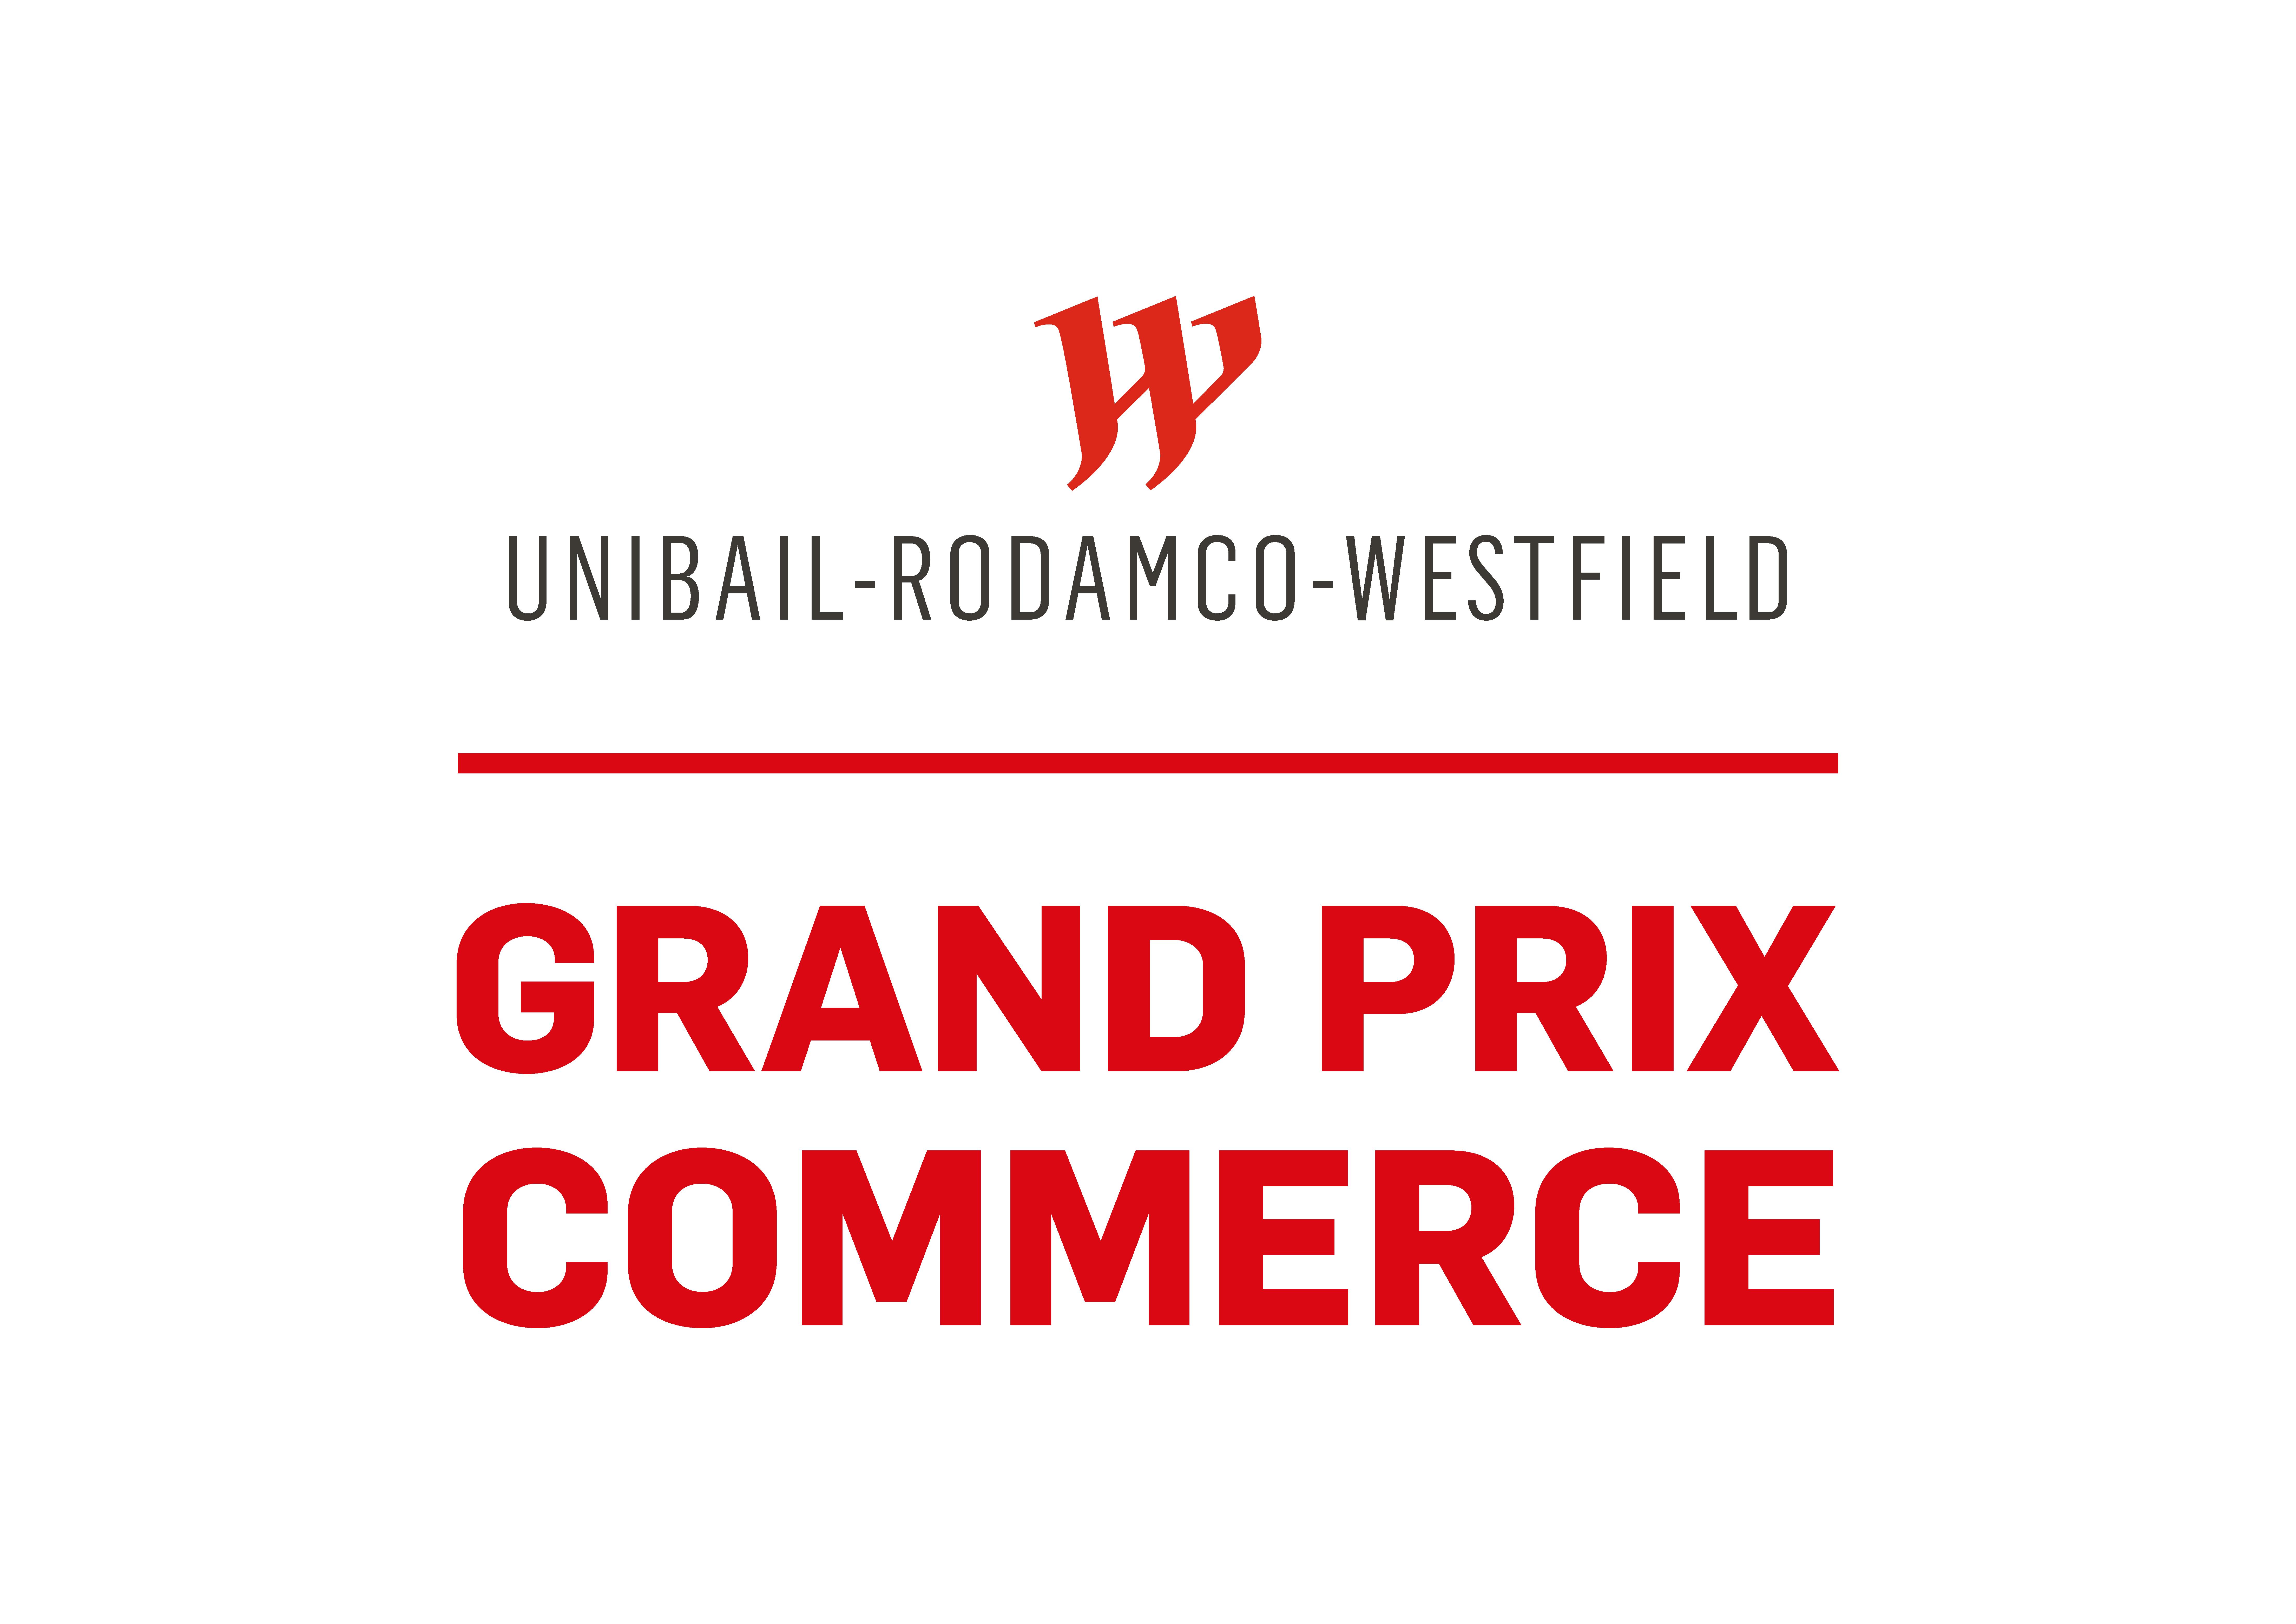 Grand Prix Commerce Unibail-Rodamco-Westfield